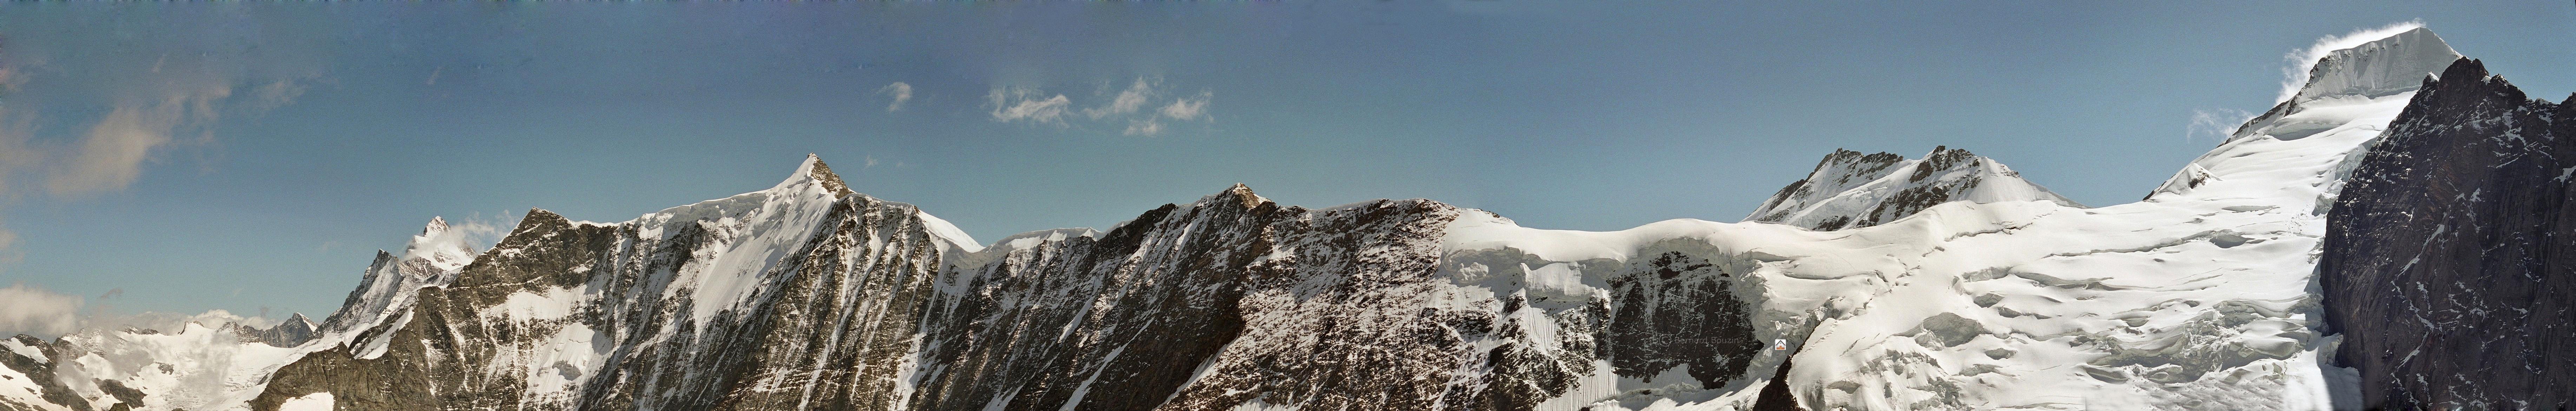 Panoramic view from Mittellegi refuge & Chumacraju - Road Book - Switzerland - Eiger Mittellegi ridge route